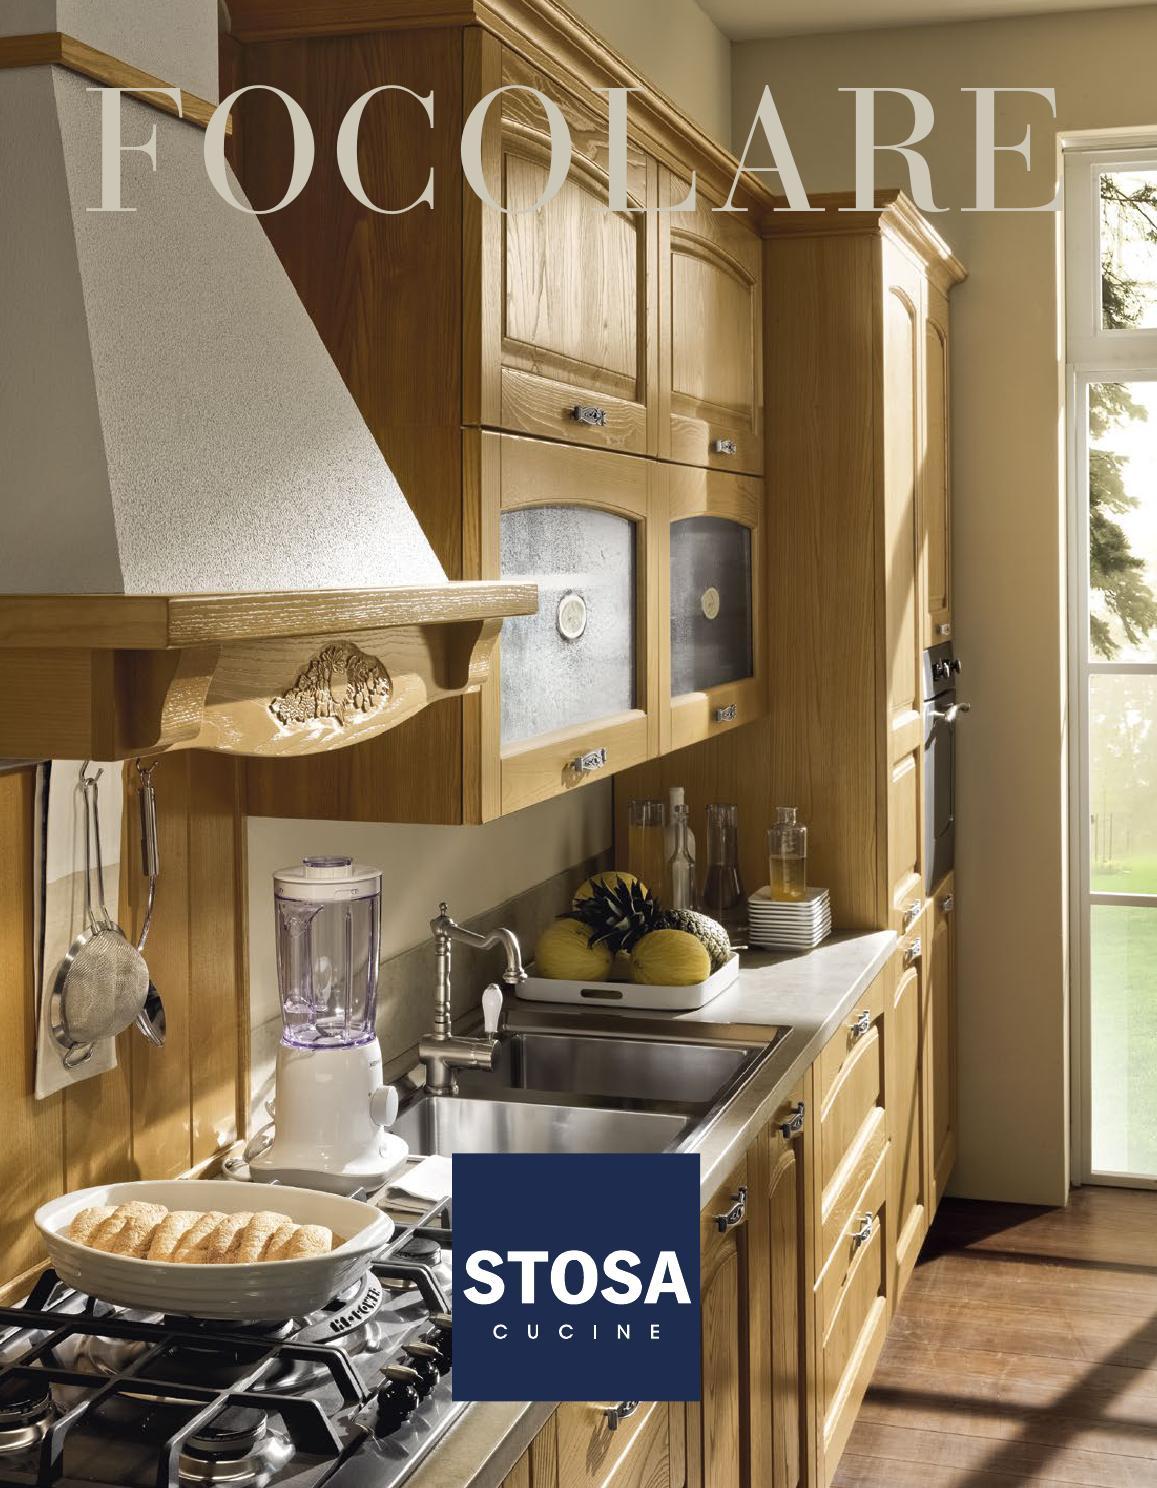 Catalogo cucine classiche stosa focolare by stosa cucine - Catalogo cucine ...